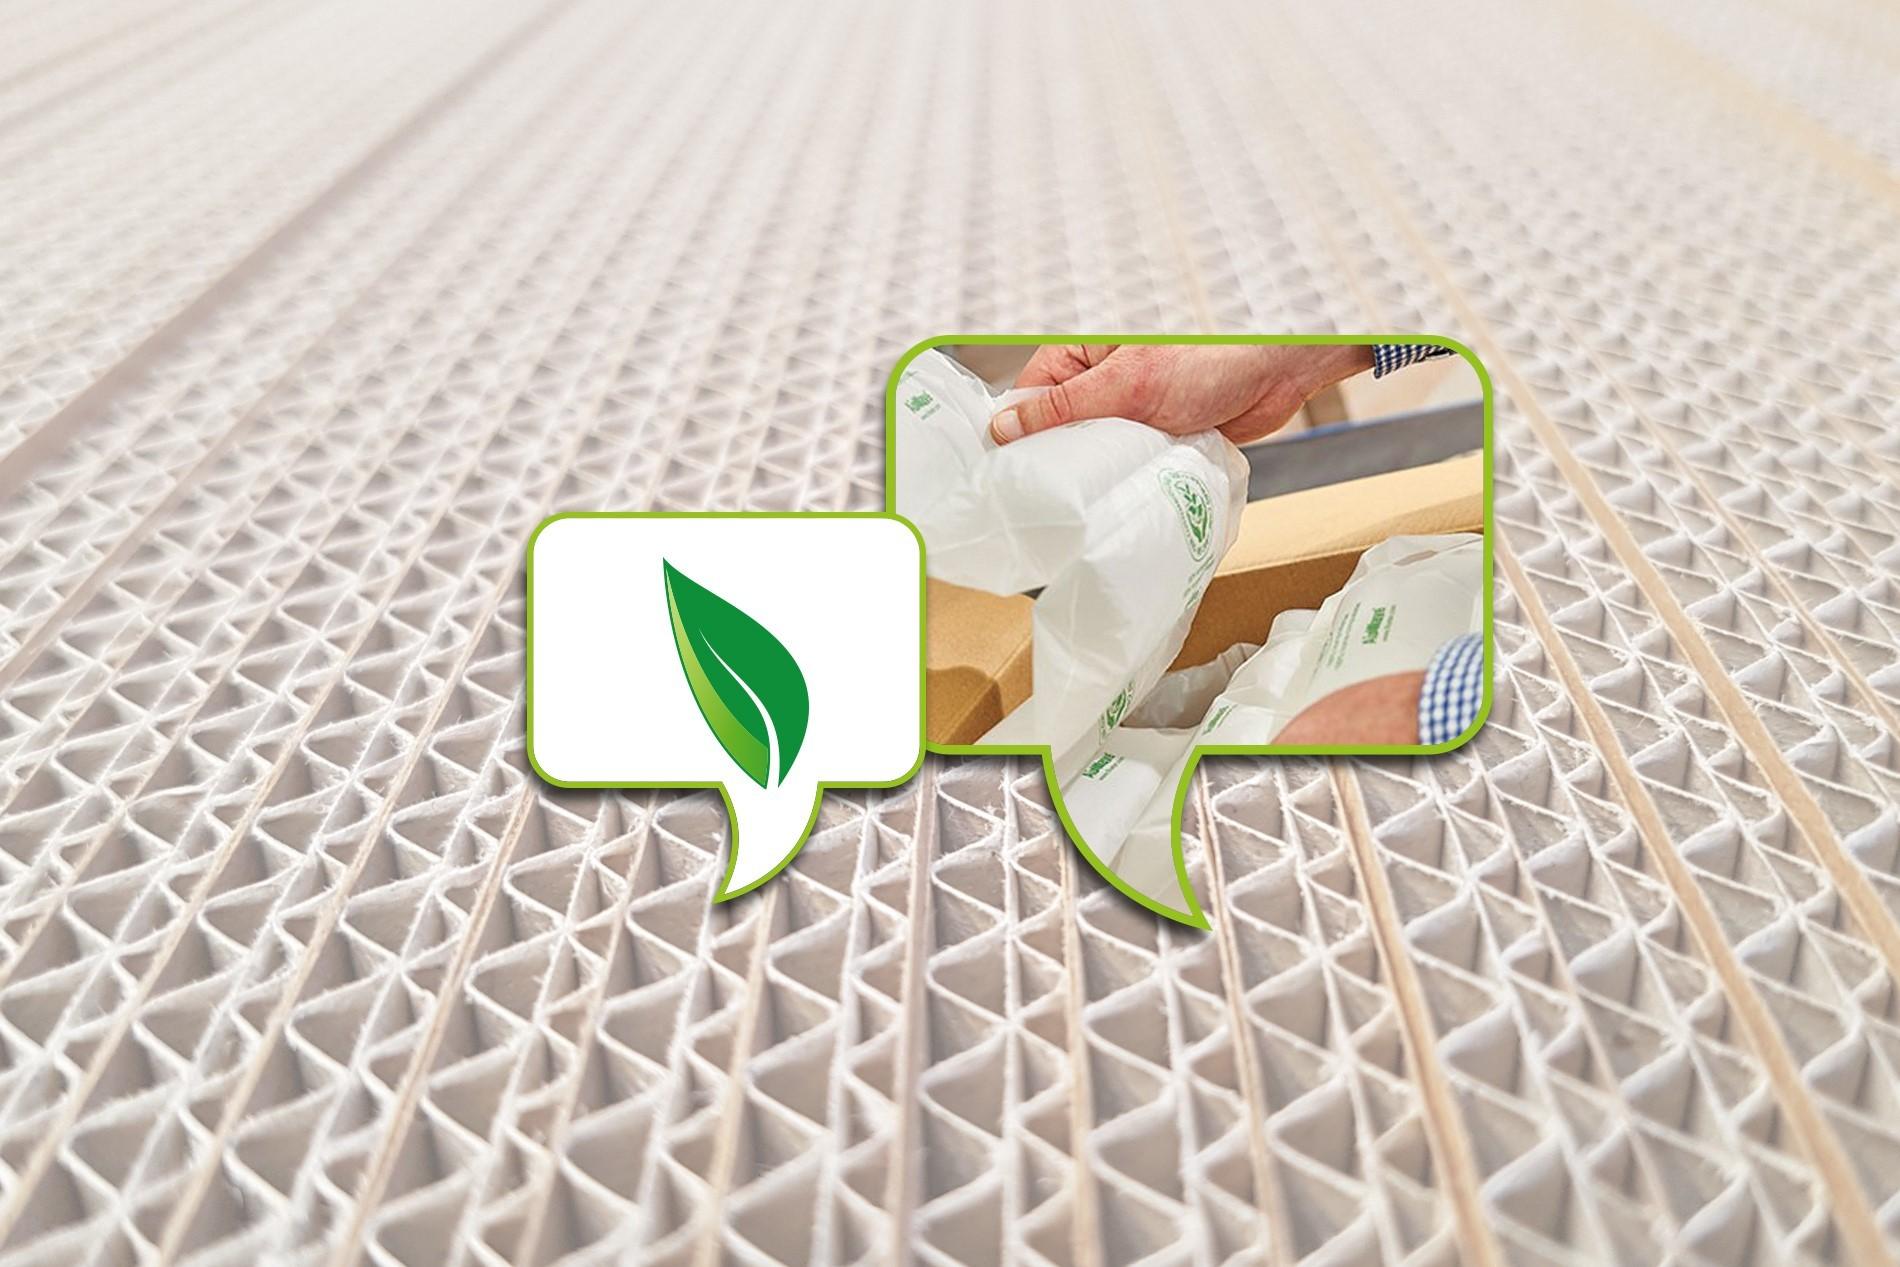 Ecologische oplossingen voor verpakkingen